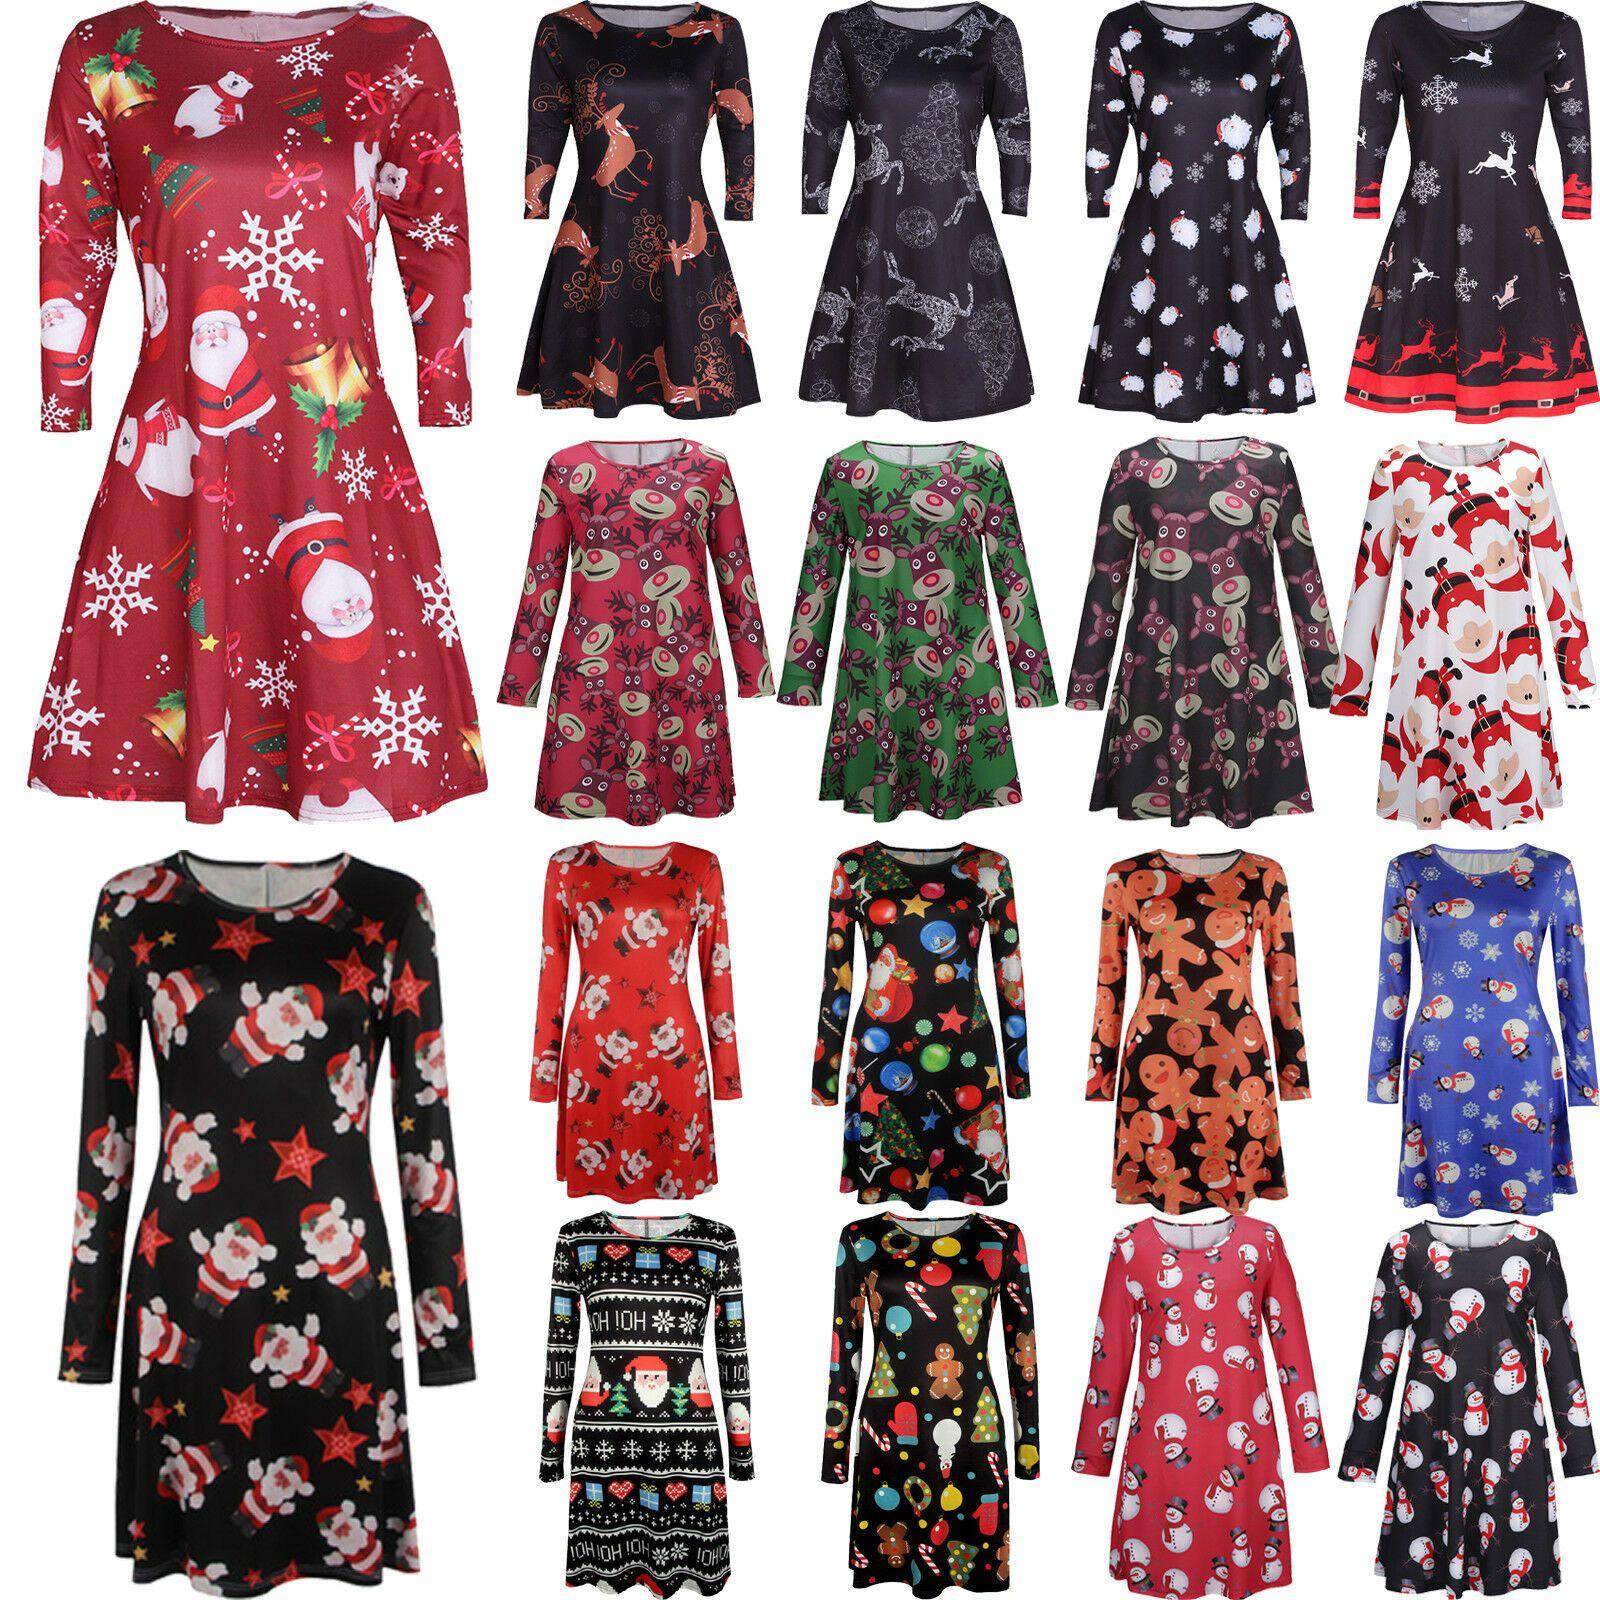 Damen Weihnachten Kleider Skaterkleid Swing Kleid Langarm Partykleid Minikleider Lange Kleider Ideas Of Lange Kleider Partykleid Swing Kleid Skater Kleid